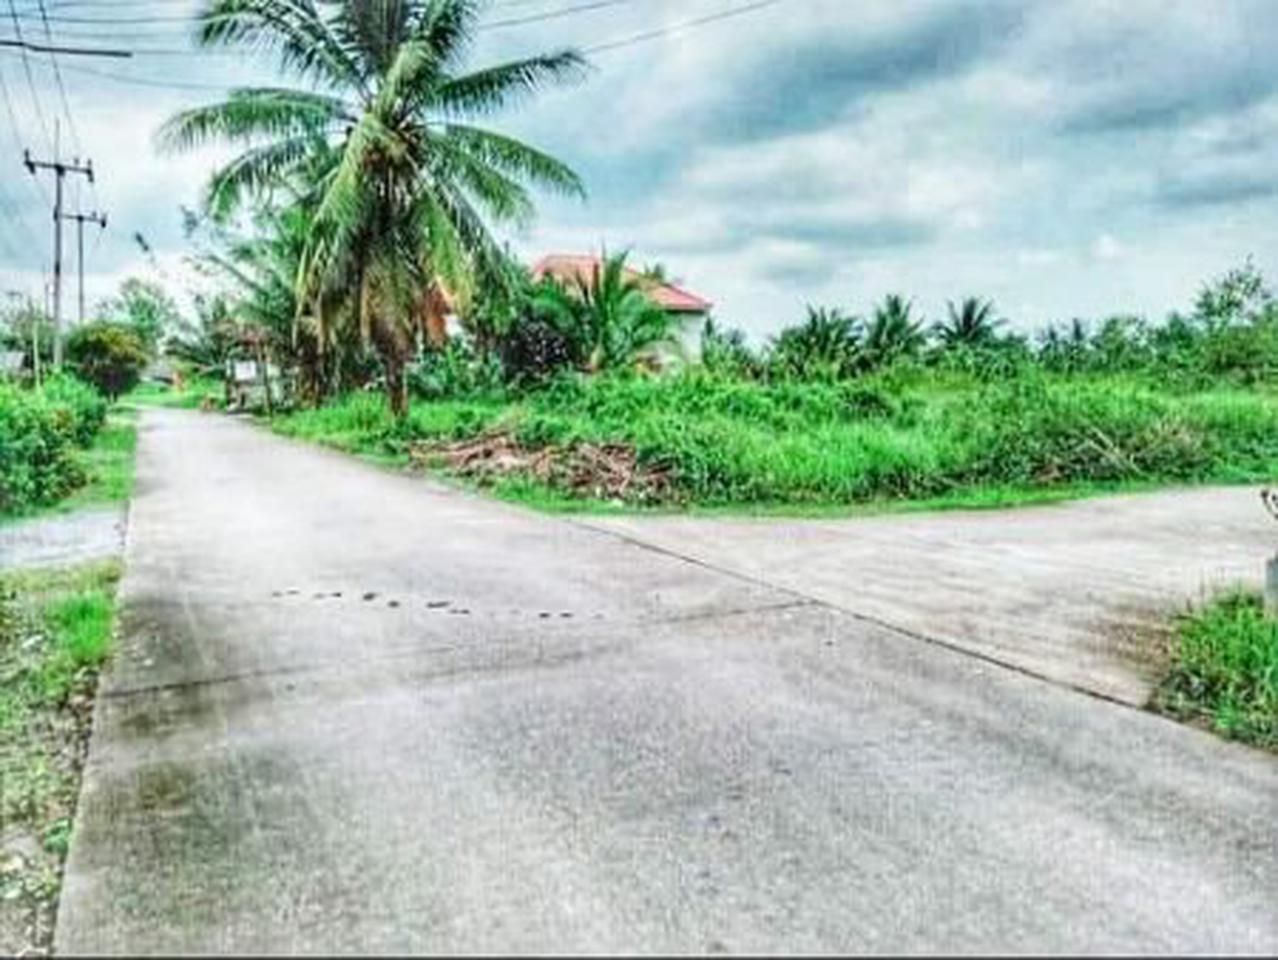 ขาย  ที่ดิน ที่ดินแบ่งล็อก ขายถูก ที่ดินเปล่า แบ่งล็อกขาย 54ตรว  ลดสุด ๆ ราคานี้ ถึงสิ้นเดือน มีนาคม 2564 เท่านั้น รูปที่ 5